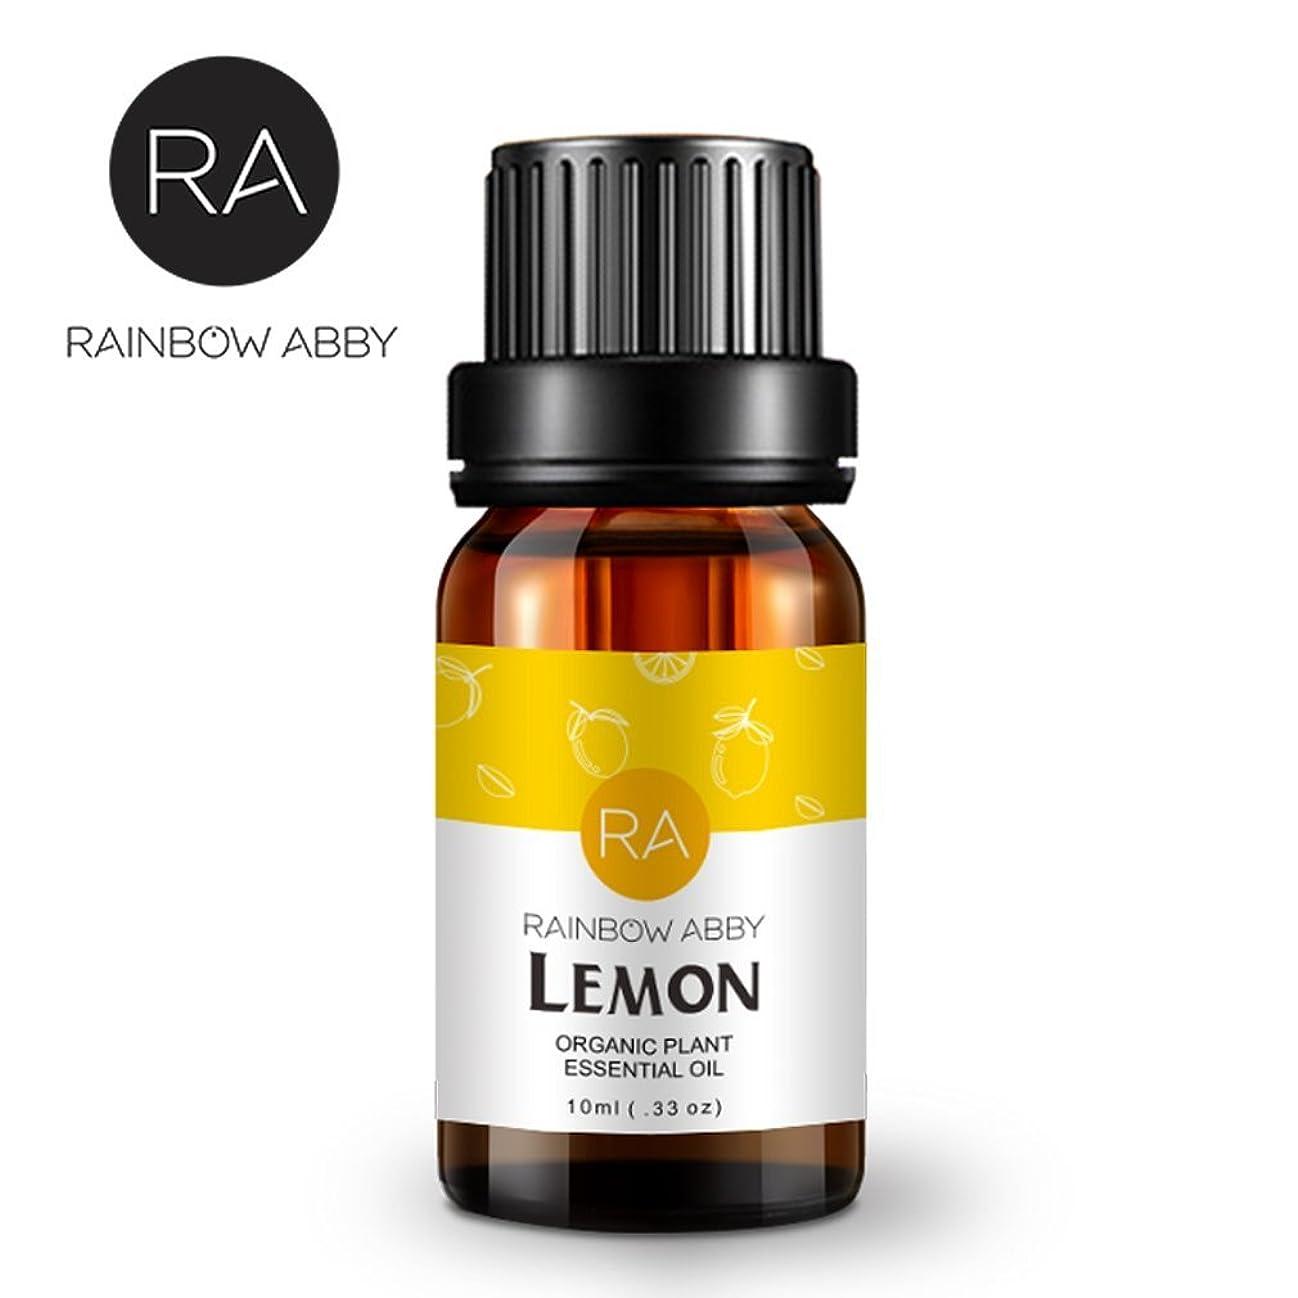 香港ありふれた砂RAINBOW ABBY 精油 アロマテラピー ナウ ピュア 有機 精油 セット ディフューザー用 レモン